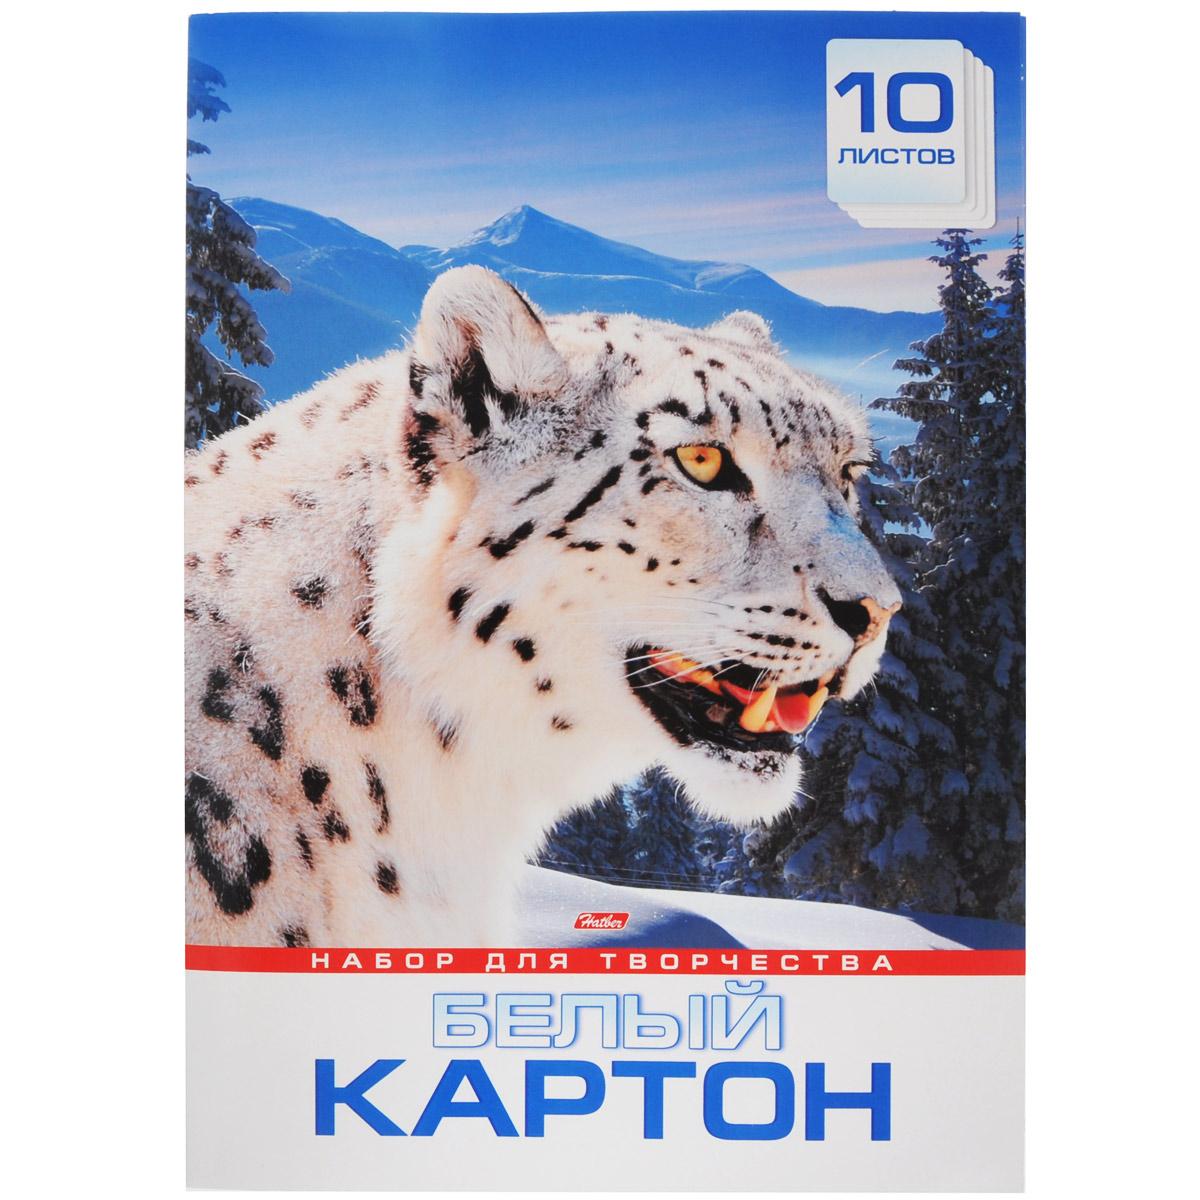 Набор картона Hatber Снежный барс, цвет: белый, формат А3, 10 листов10Кб3_11345Картон Hatber Снежный барс для детского творчества позволит вашему ребенку создавать всевозможные аппликации и поделки. Набор состоит из десяти листов картона. Картон упакован в оригинальную картонную папку, оформленную рисунком с изображением снежного барса. Создание поделок из картона поможет ребенку в развитии творческих способностей, кроме того, это увлекательный досуг. Рекомендуемый возраст: 6+.